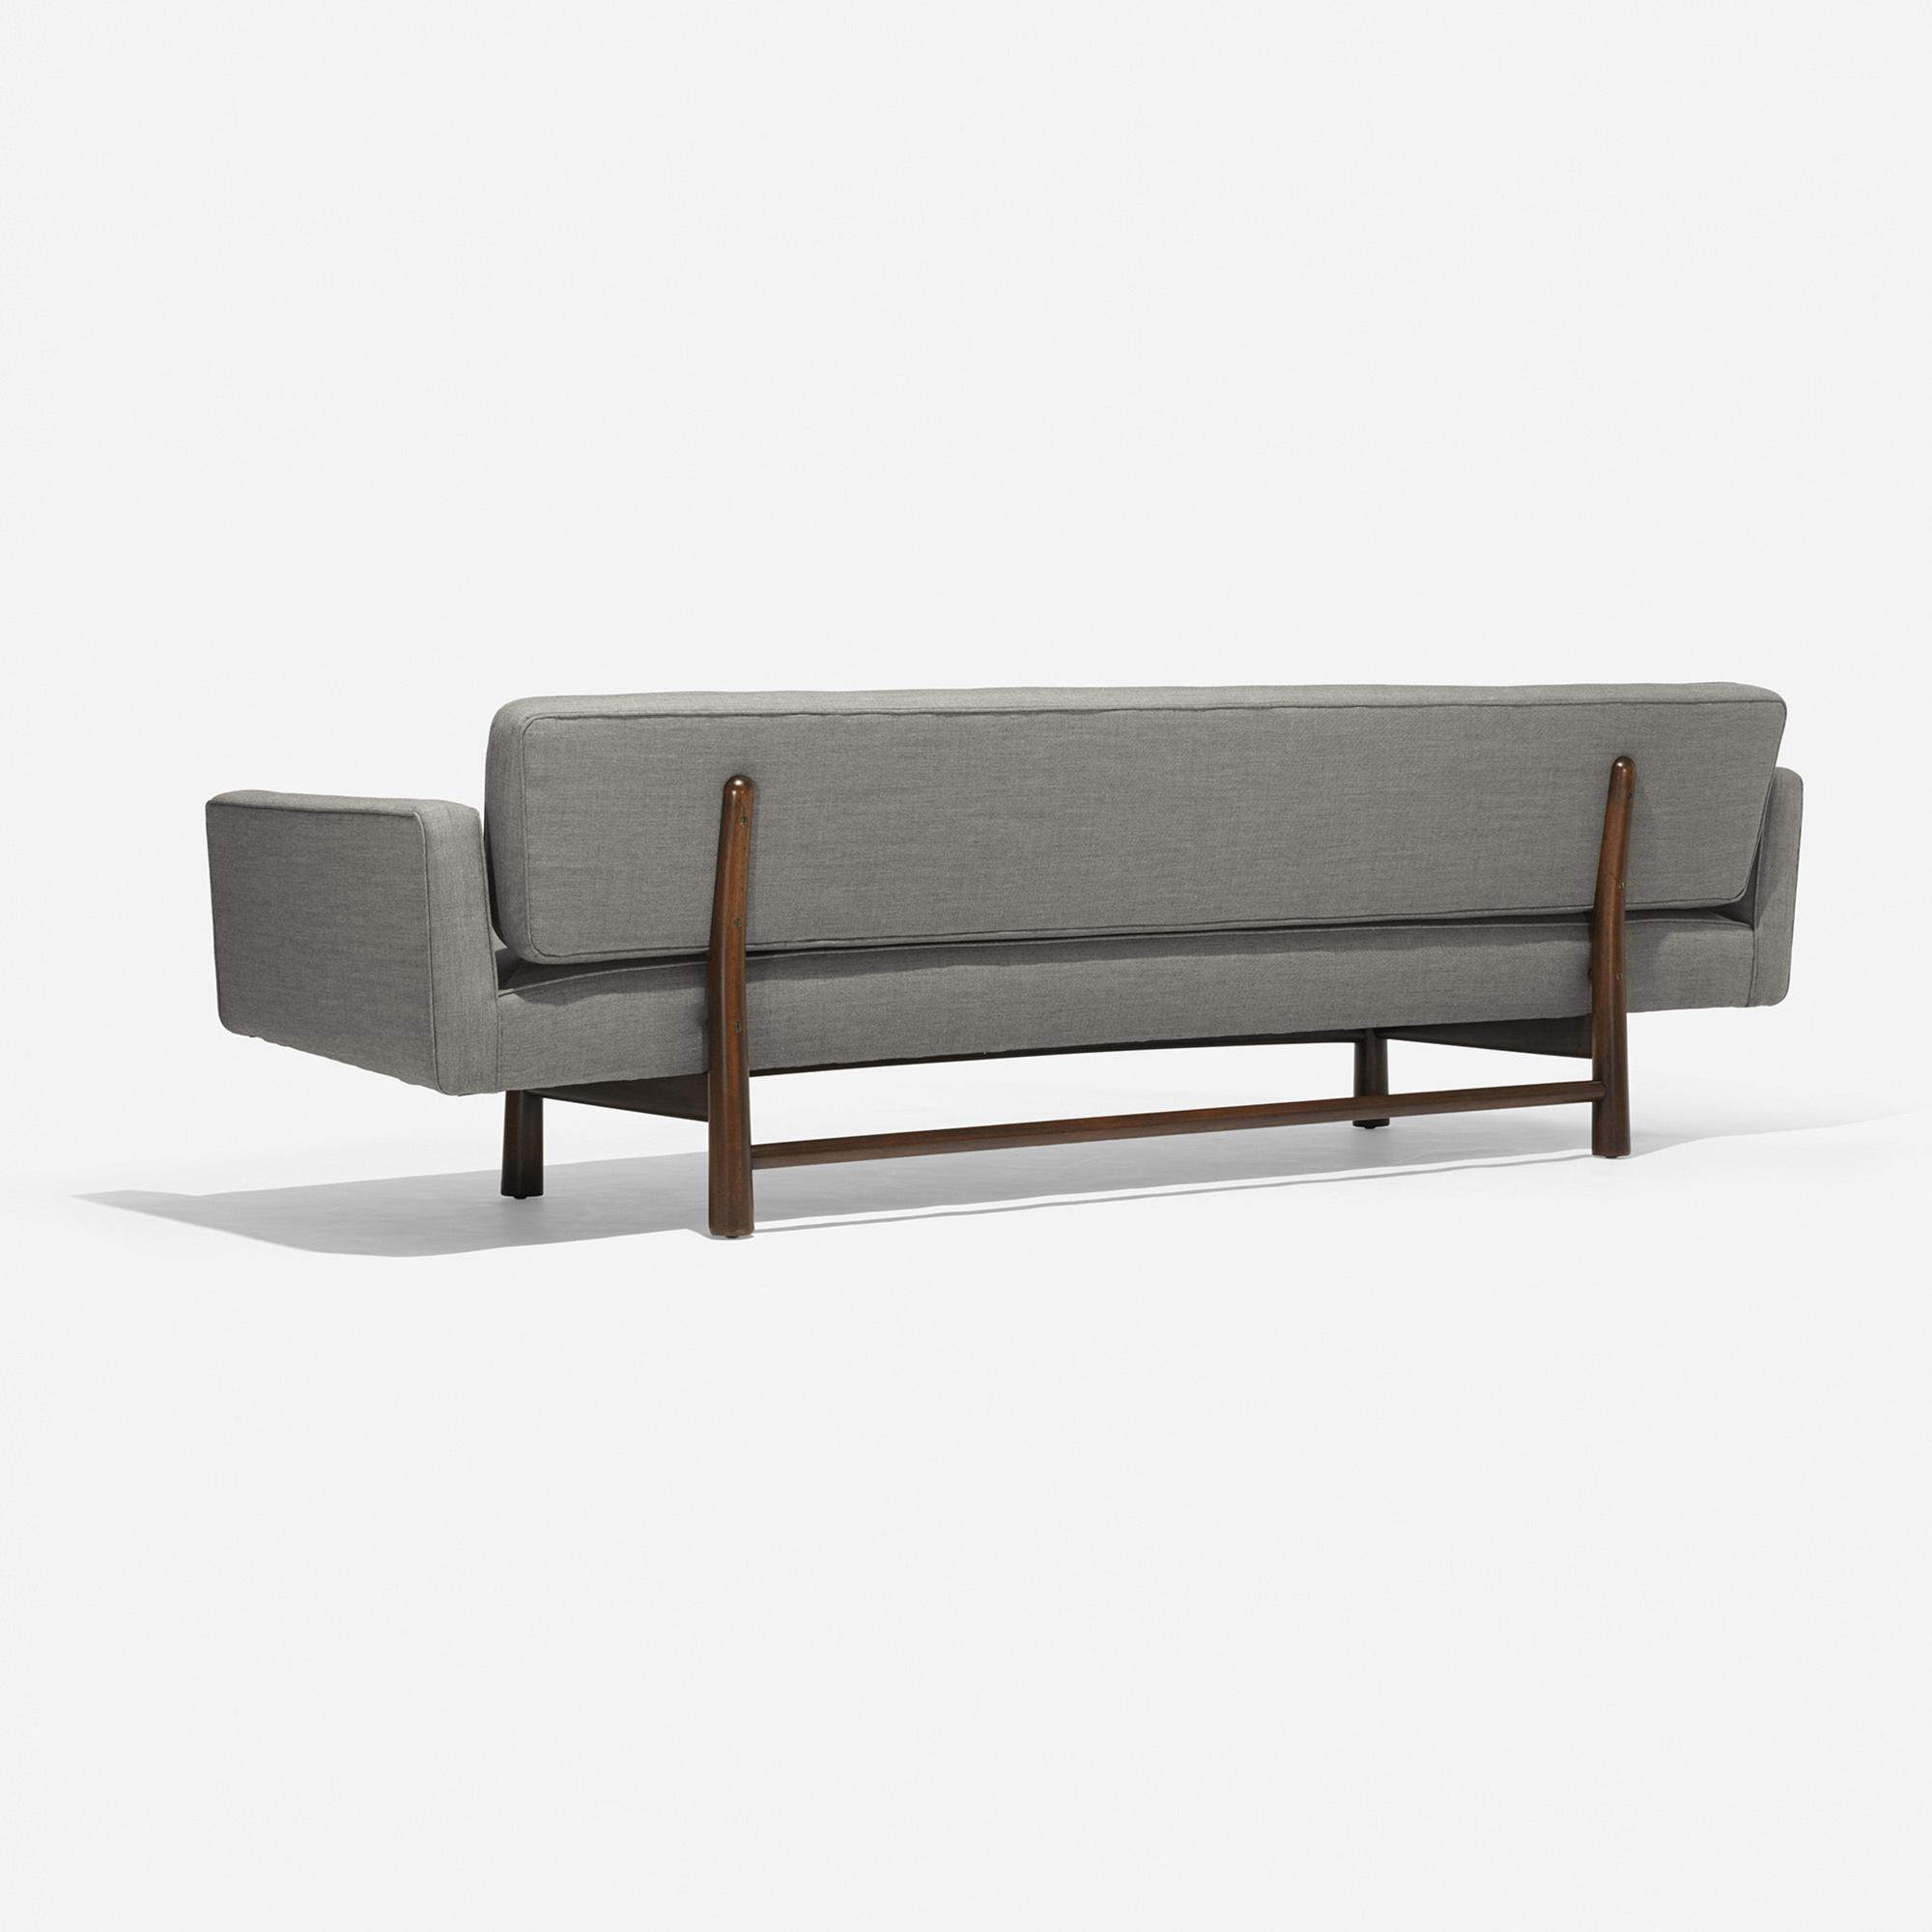 ... 394: Edward Wormley / Sofa, Model 5316 (3 Of 6)